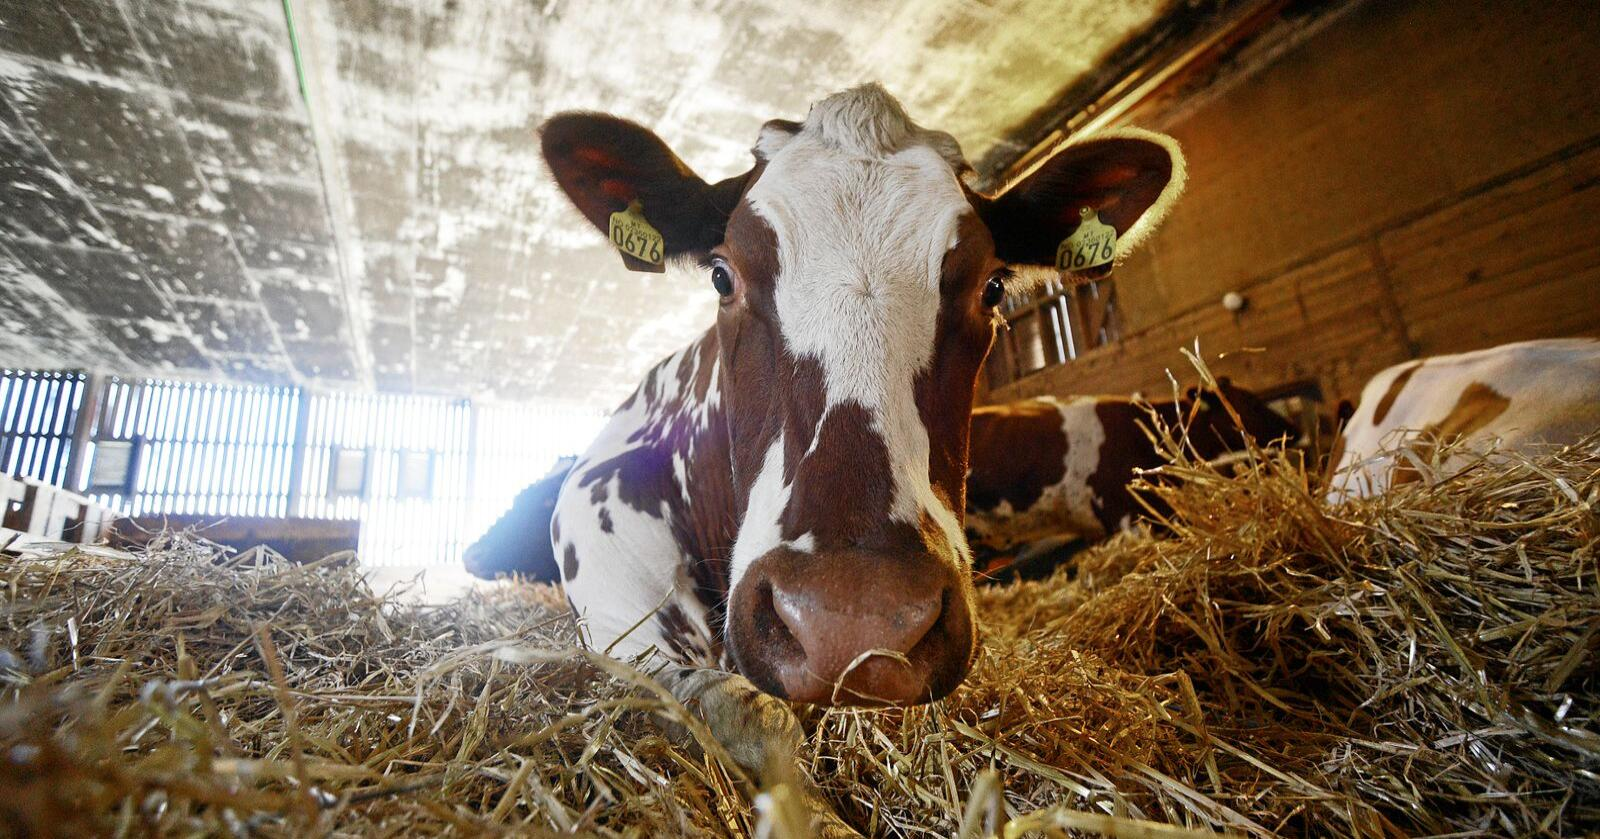 Fôring og gjødsling er blant tiltakene som kan få ned utslippene fra norsk melkeproduksjon spesielt og norsk landbruk generelt. Foto: Siri Juell Rasmussen